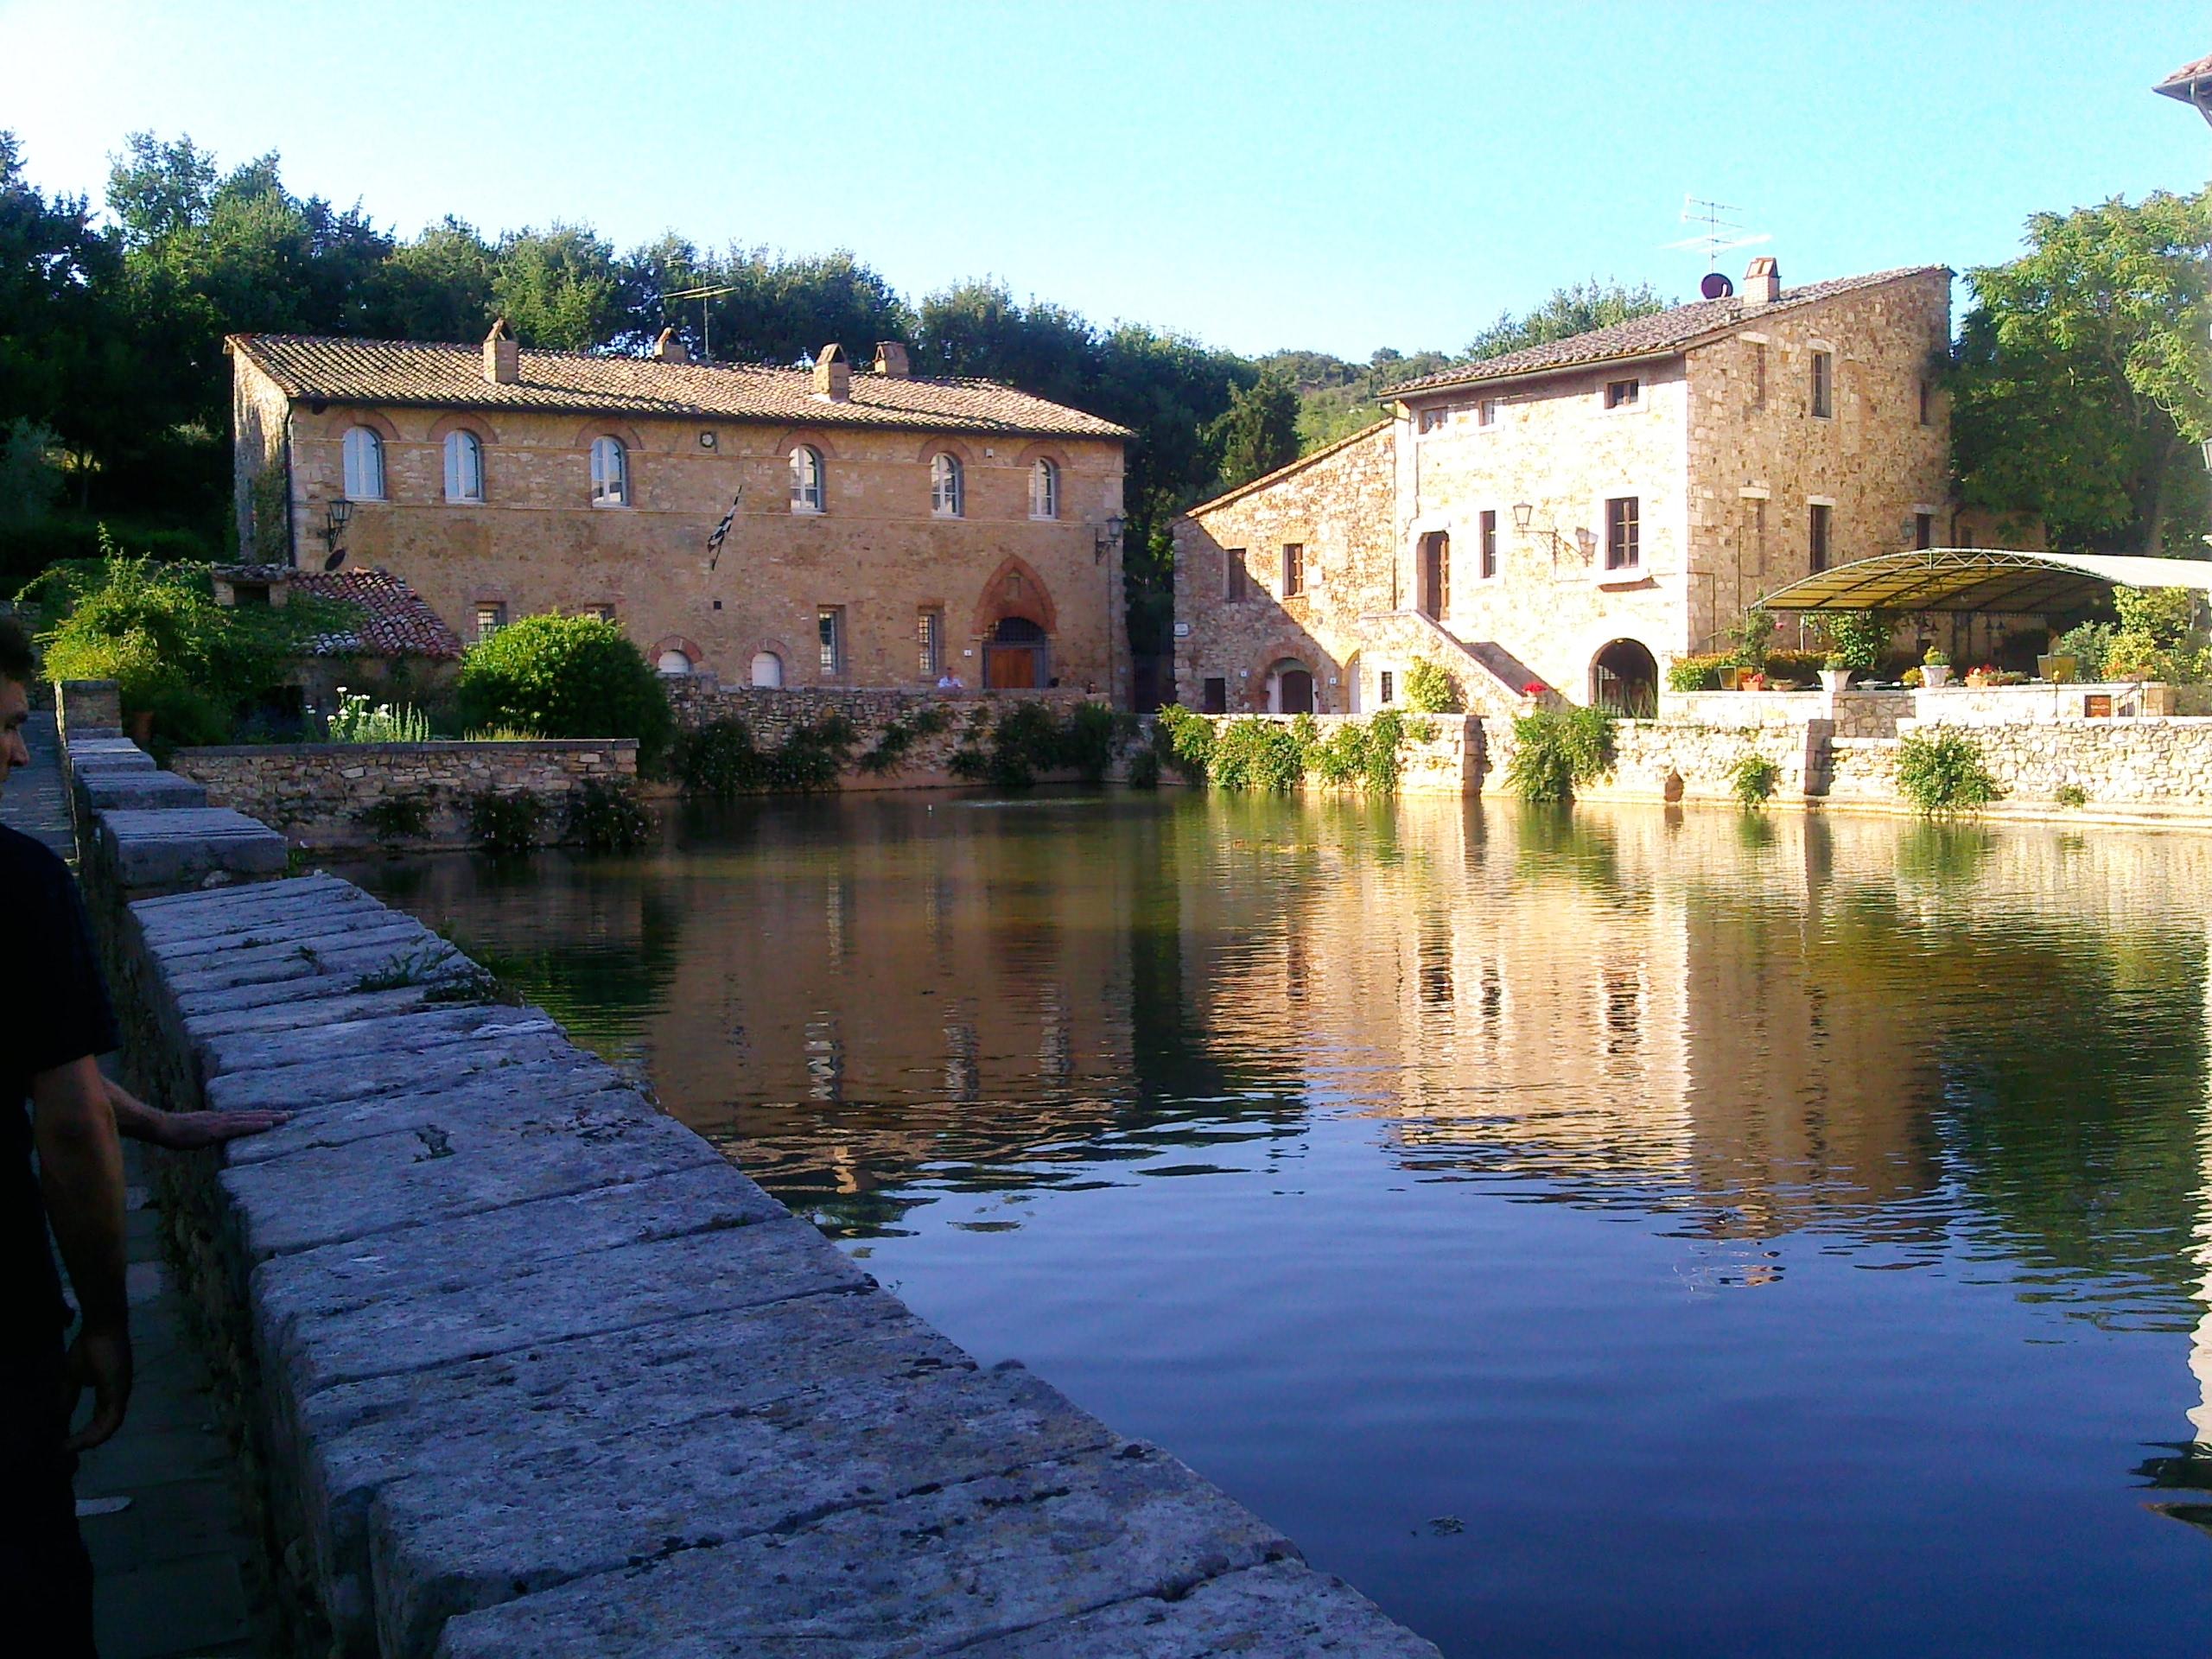 File:Bagno Vignoni SI Toscana.jpg - Wikimedia Commons